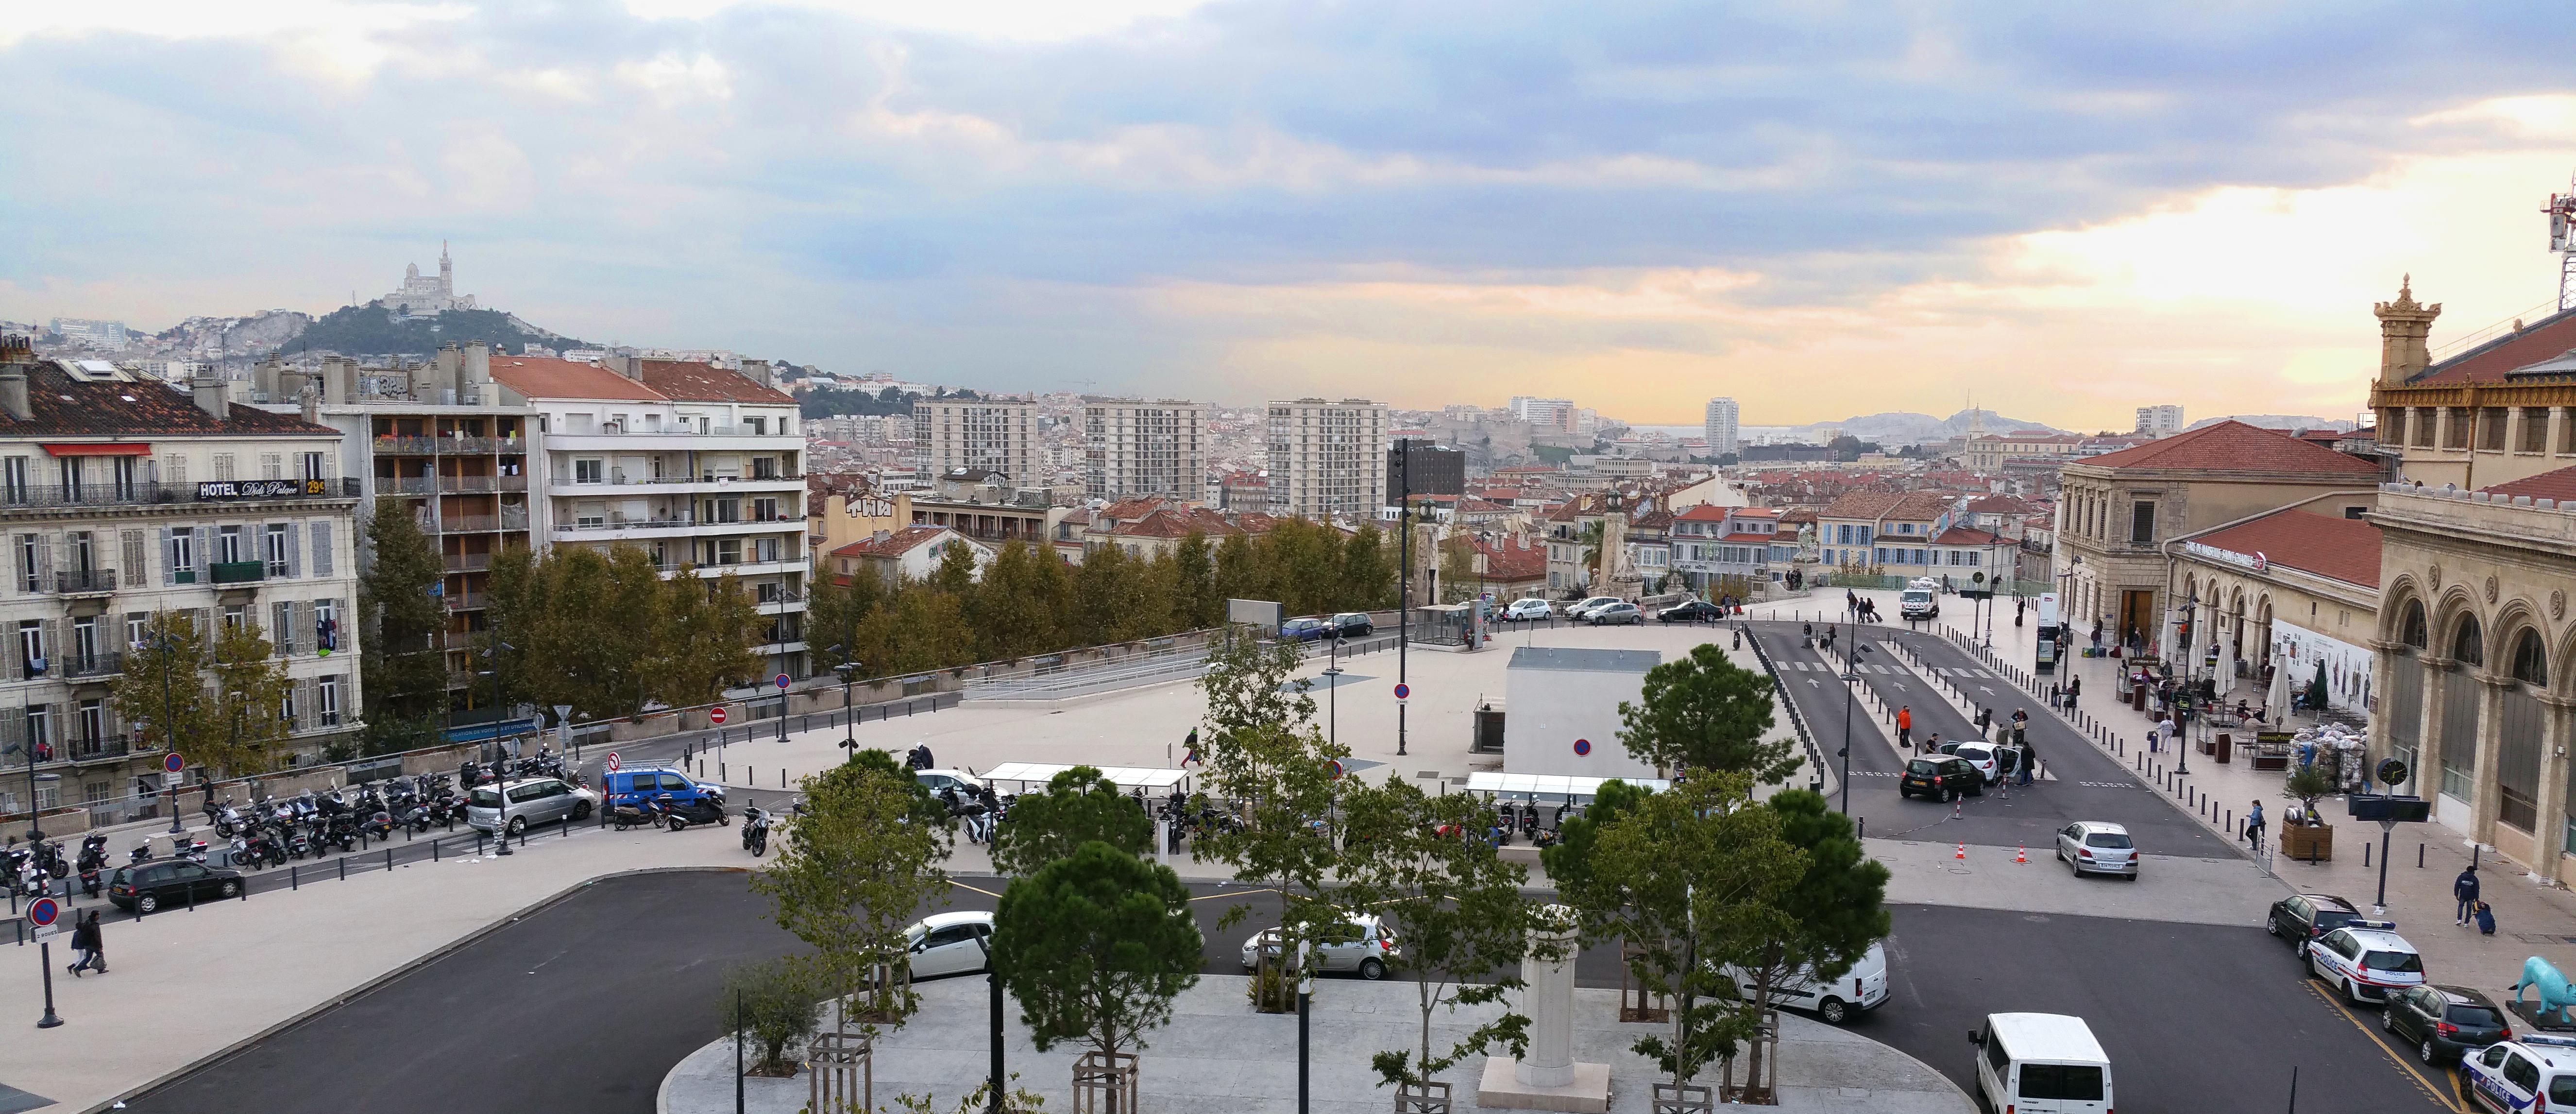 Marseille la ville des minences et savants h breux - Distance gare saint charles port marseille ...